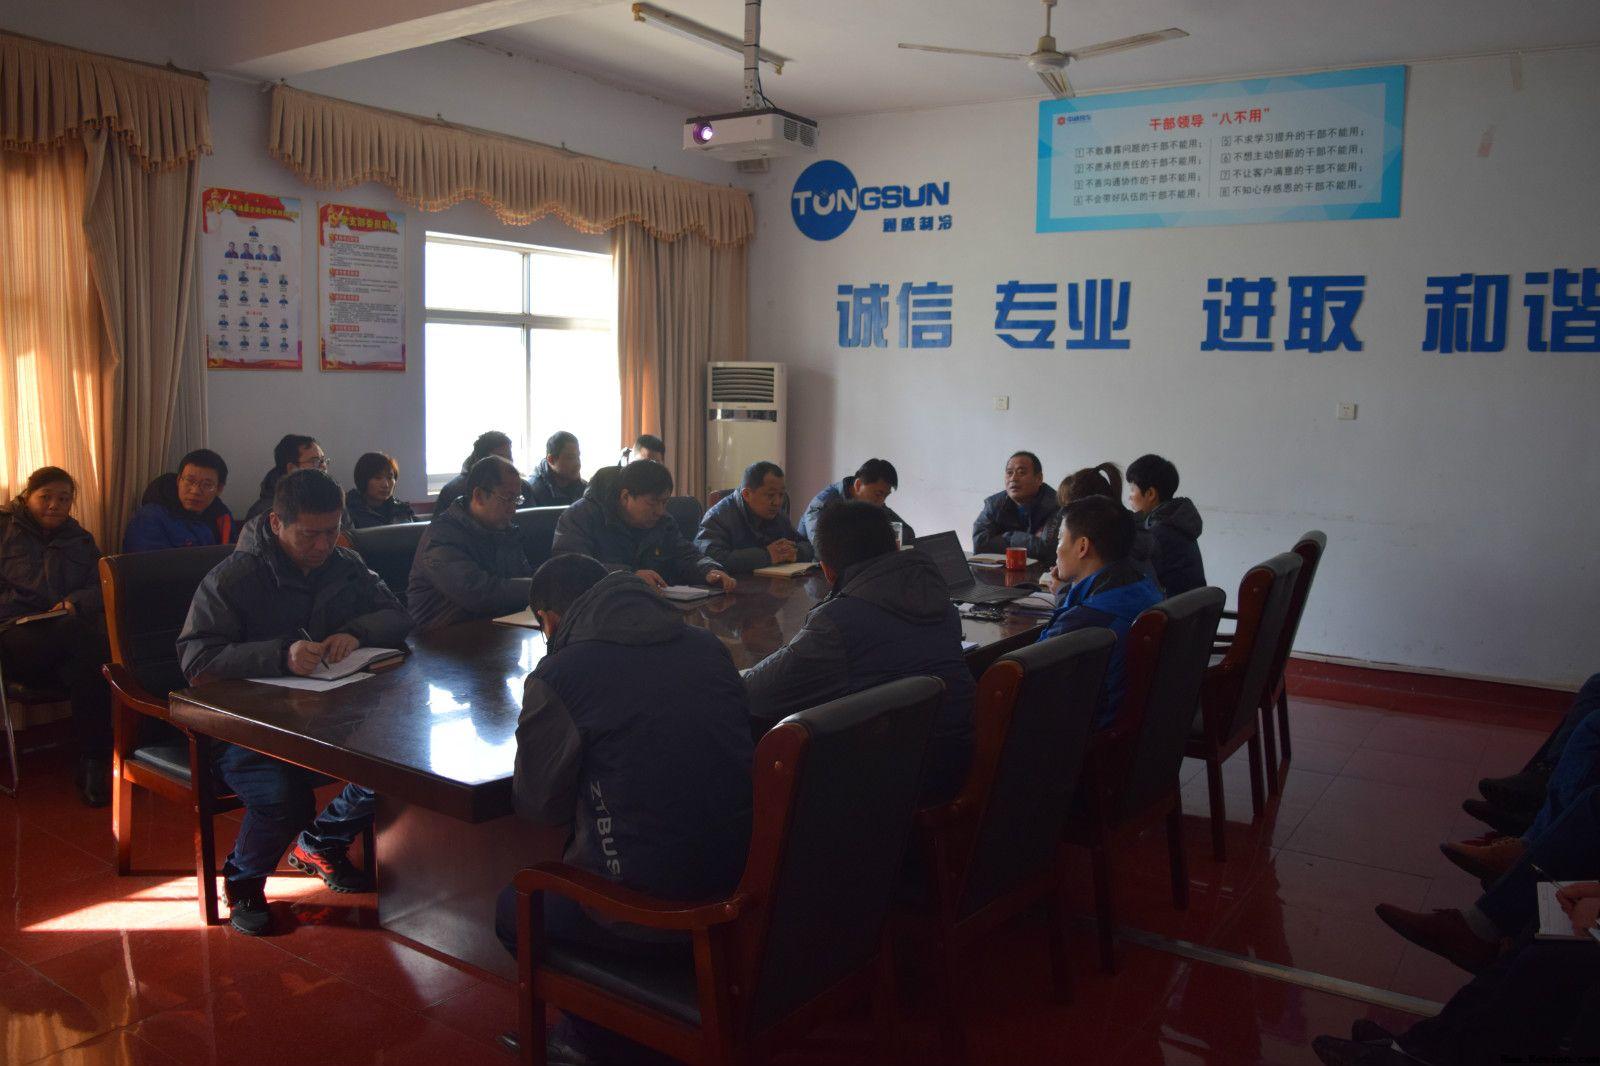 通盛公司召开2019年重点工作部署会议